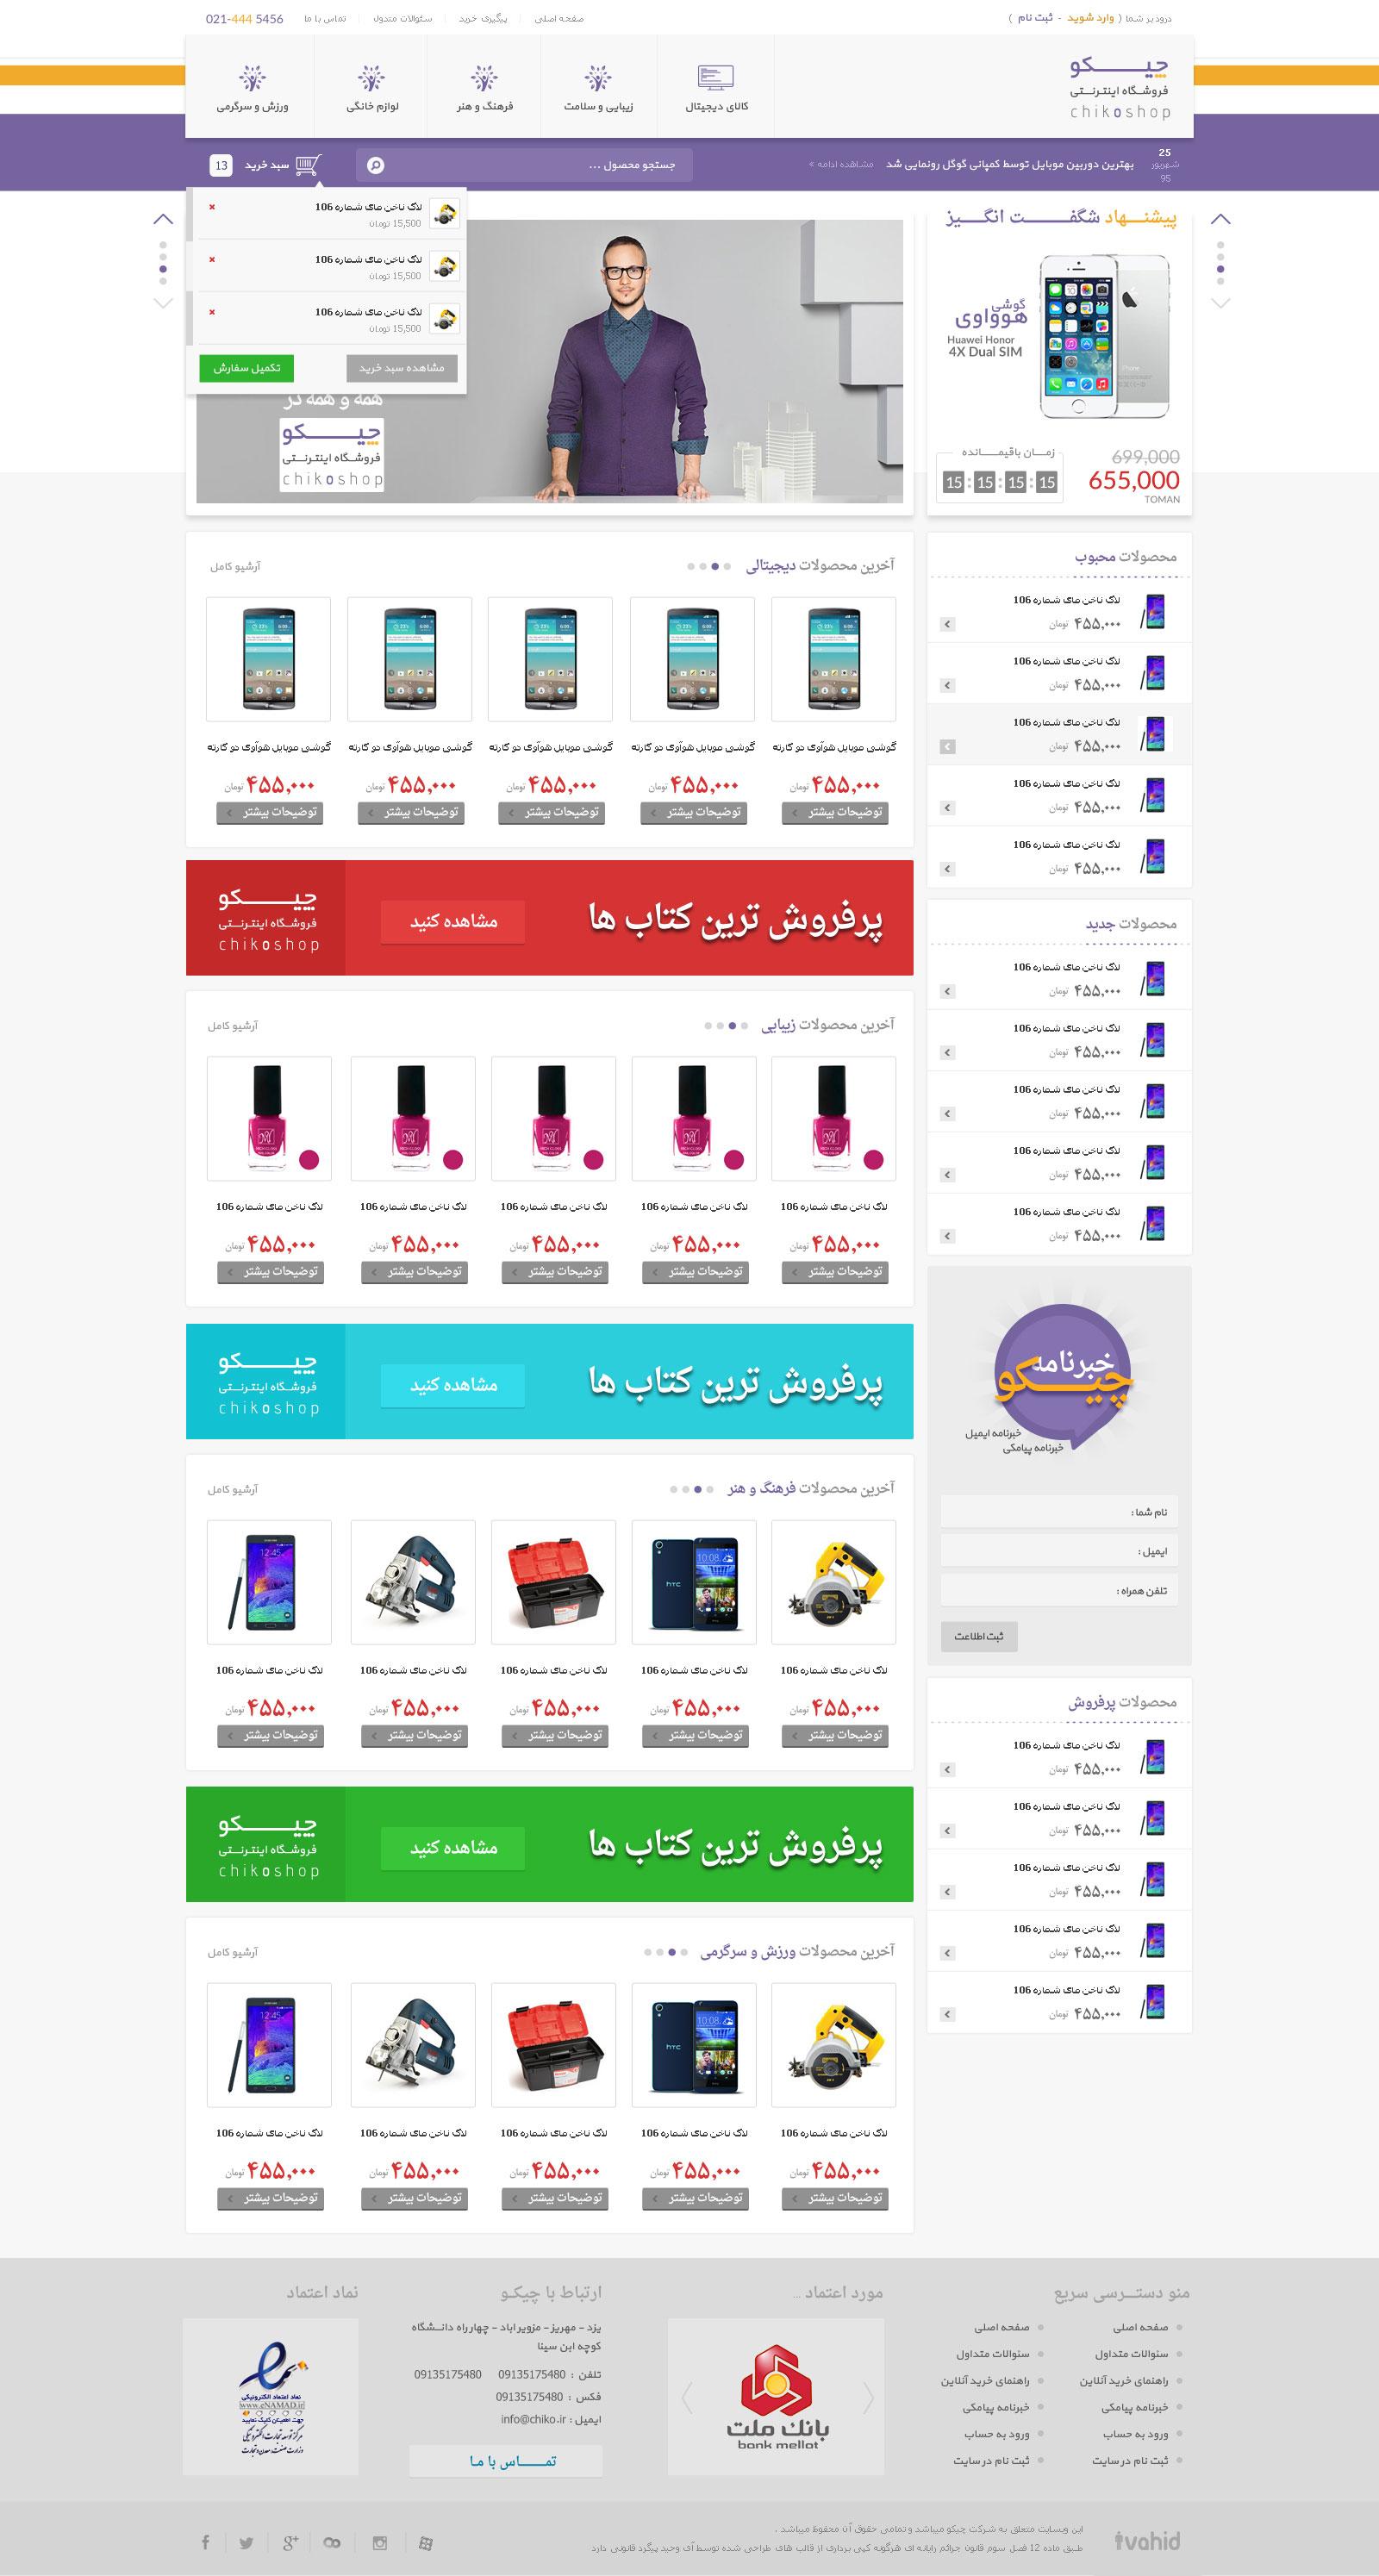 نمونه طراحی فروشگاه اینترنتی چیکو